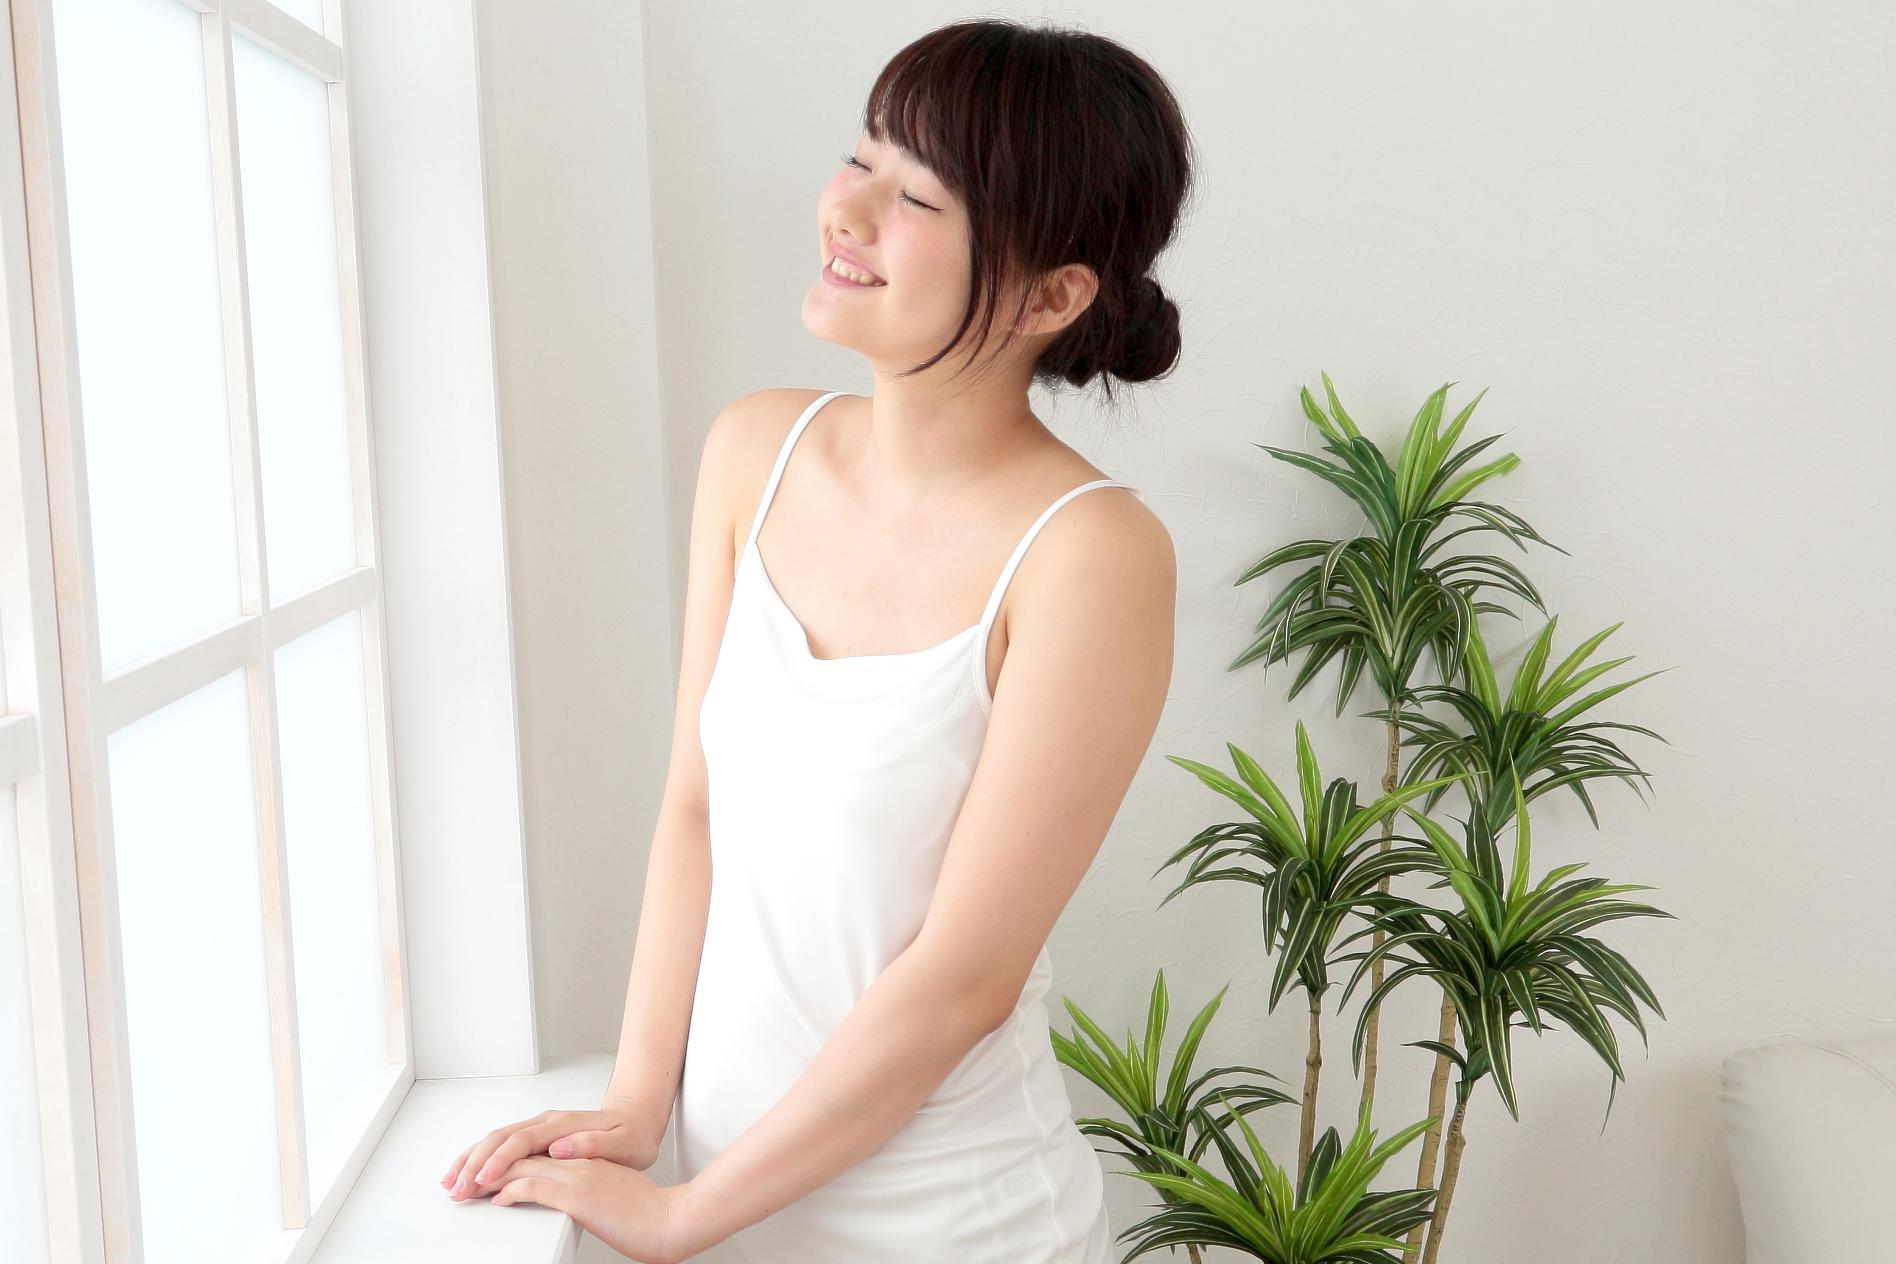 夏場こそ活用したい。大人の女性の美を守るシルク下着